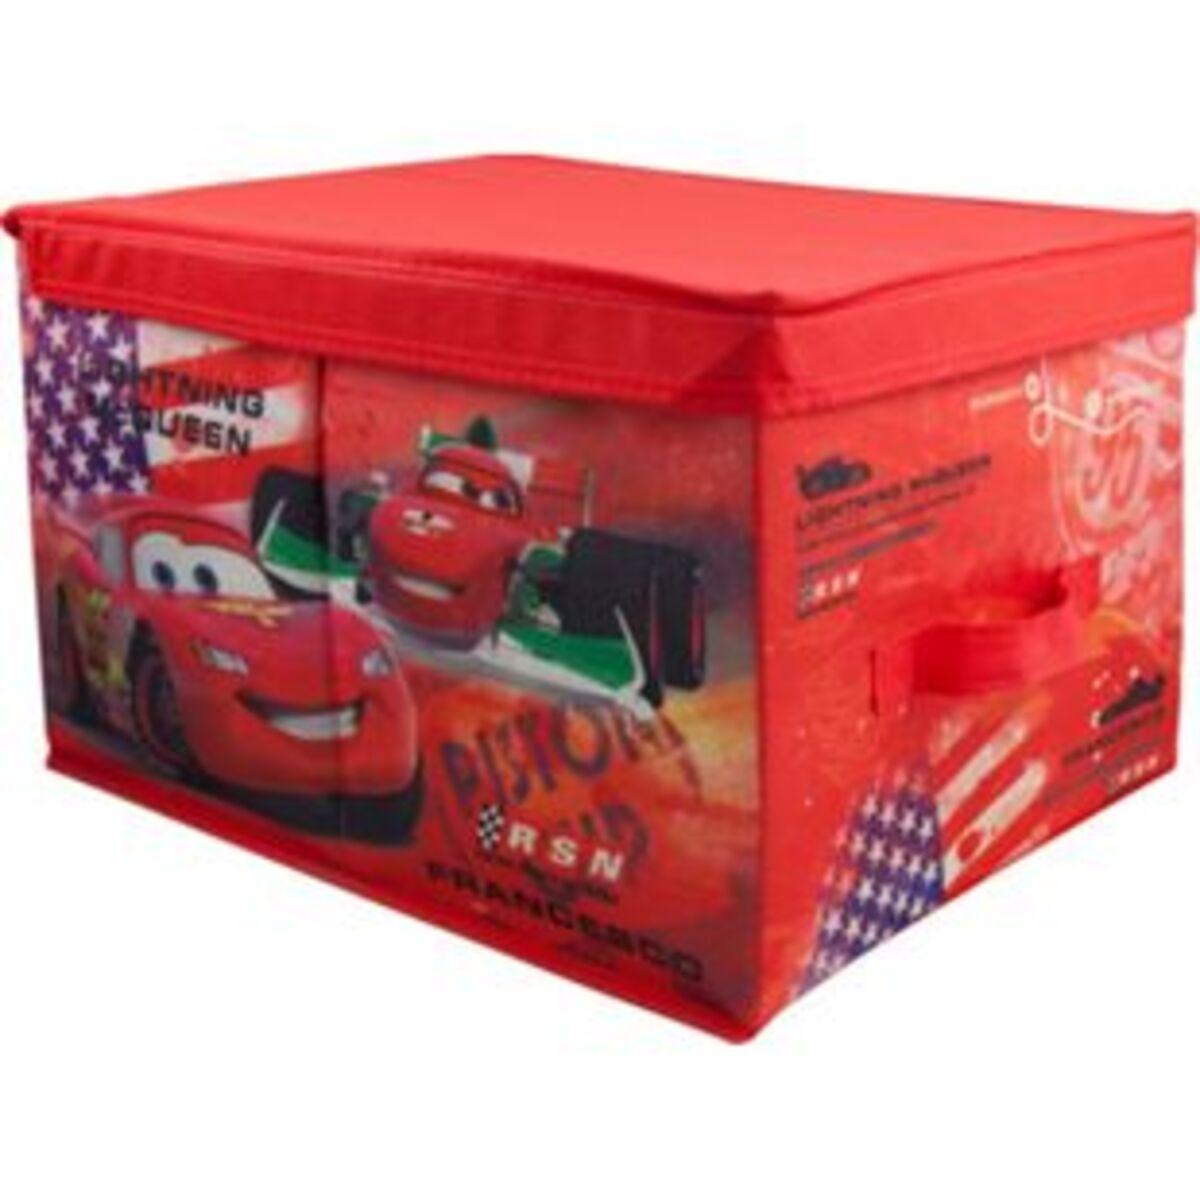 Bild 2 von Aufbewahrungsbox